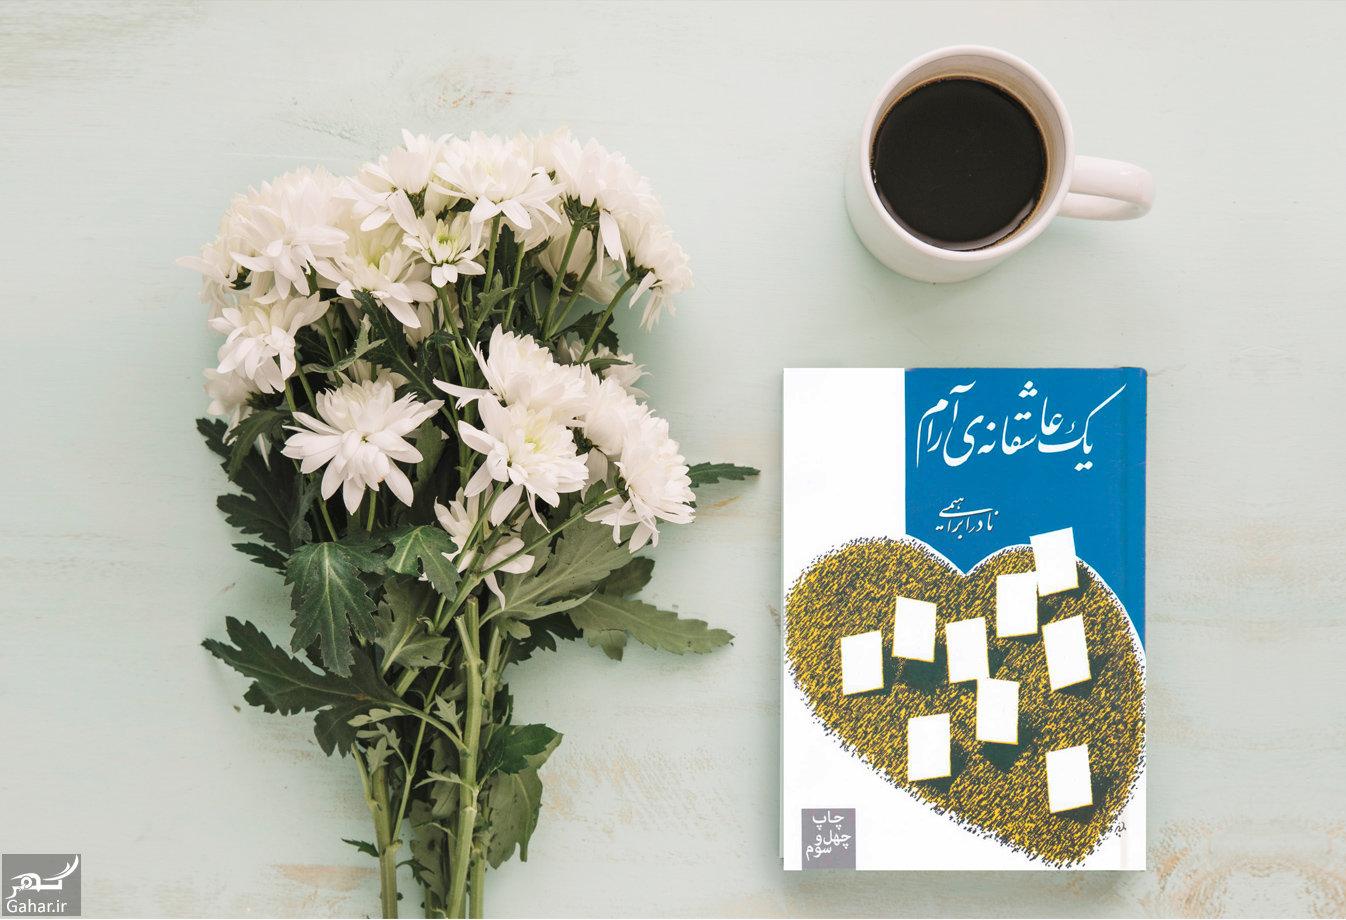 معرفی کتاب یک عاشقانه آرام نوشته نادر ابراهیمی, جدید 1400 -گهر